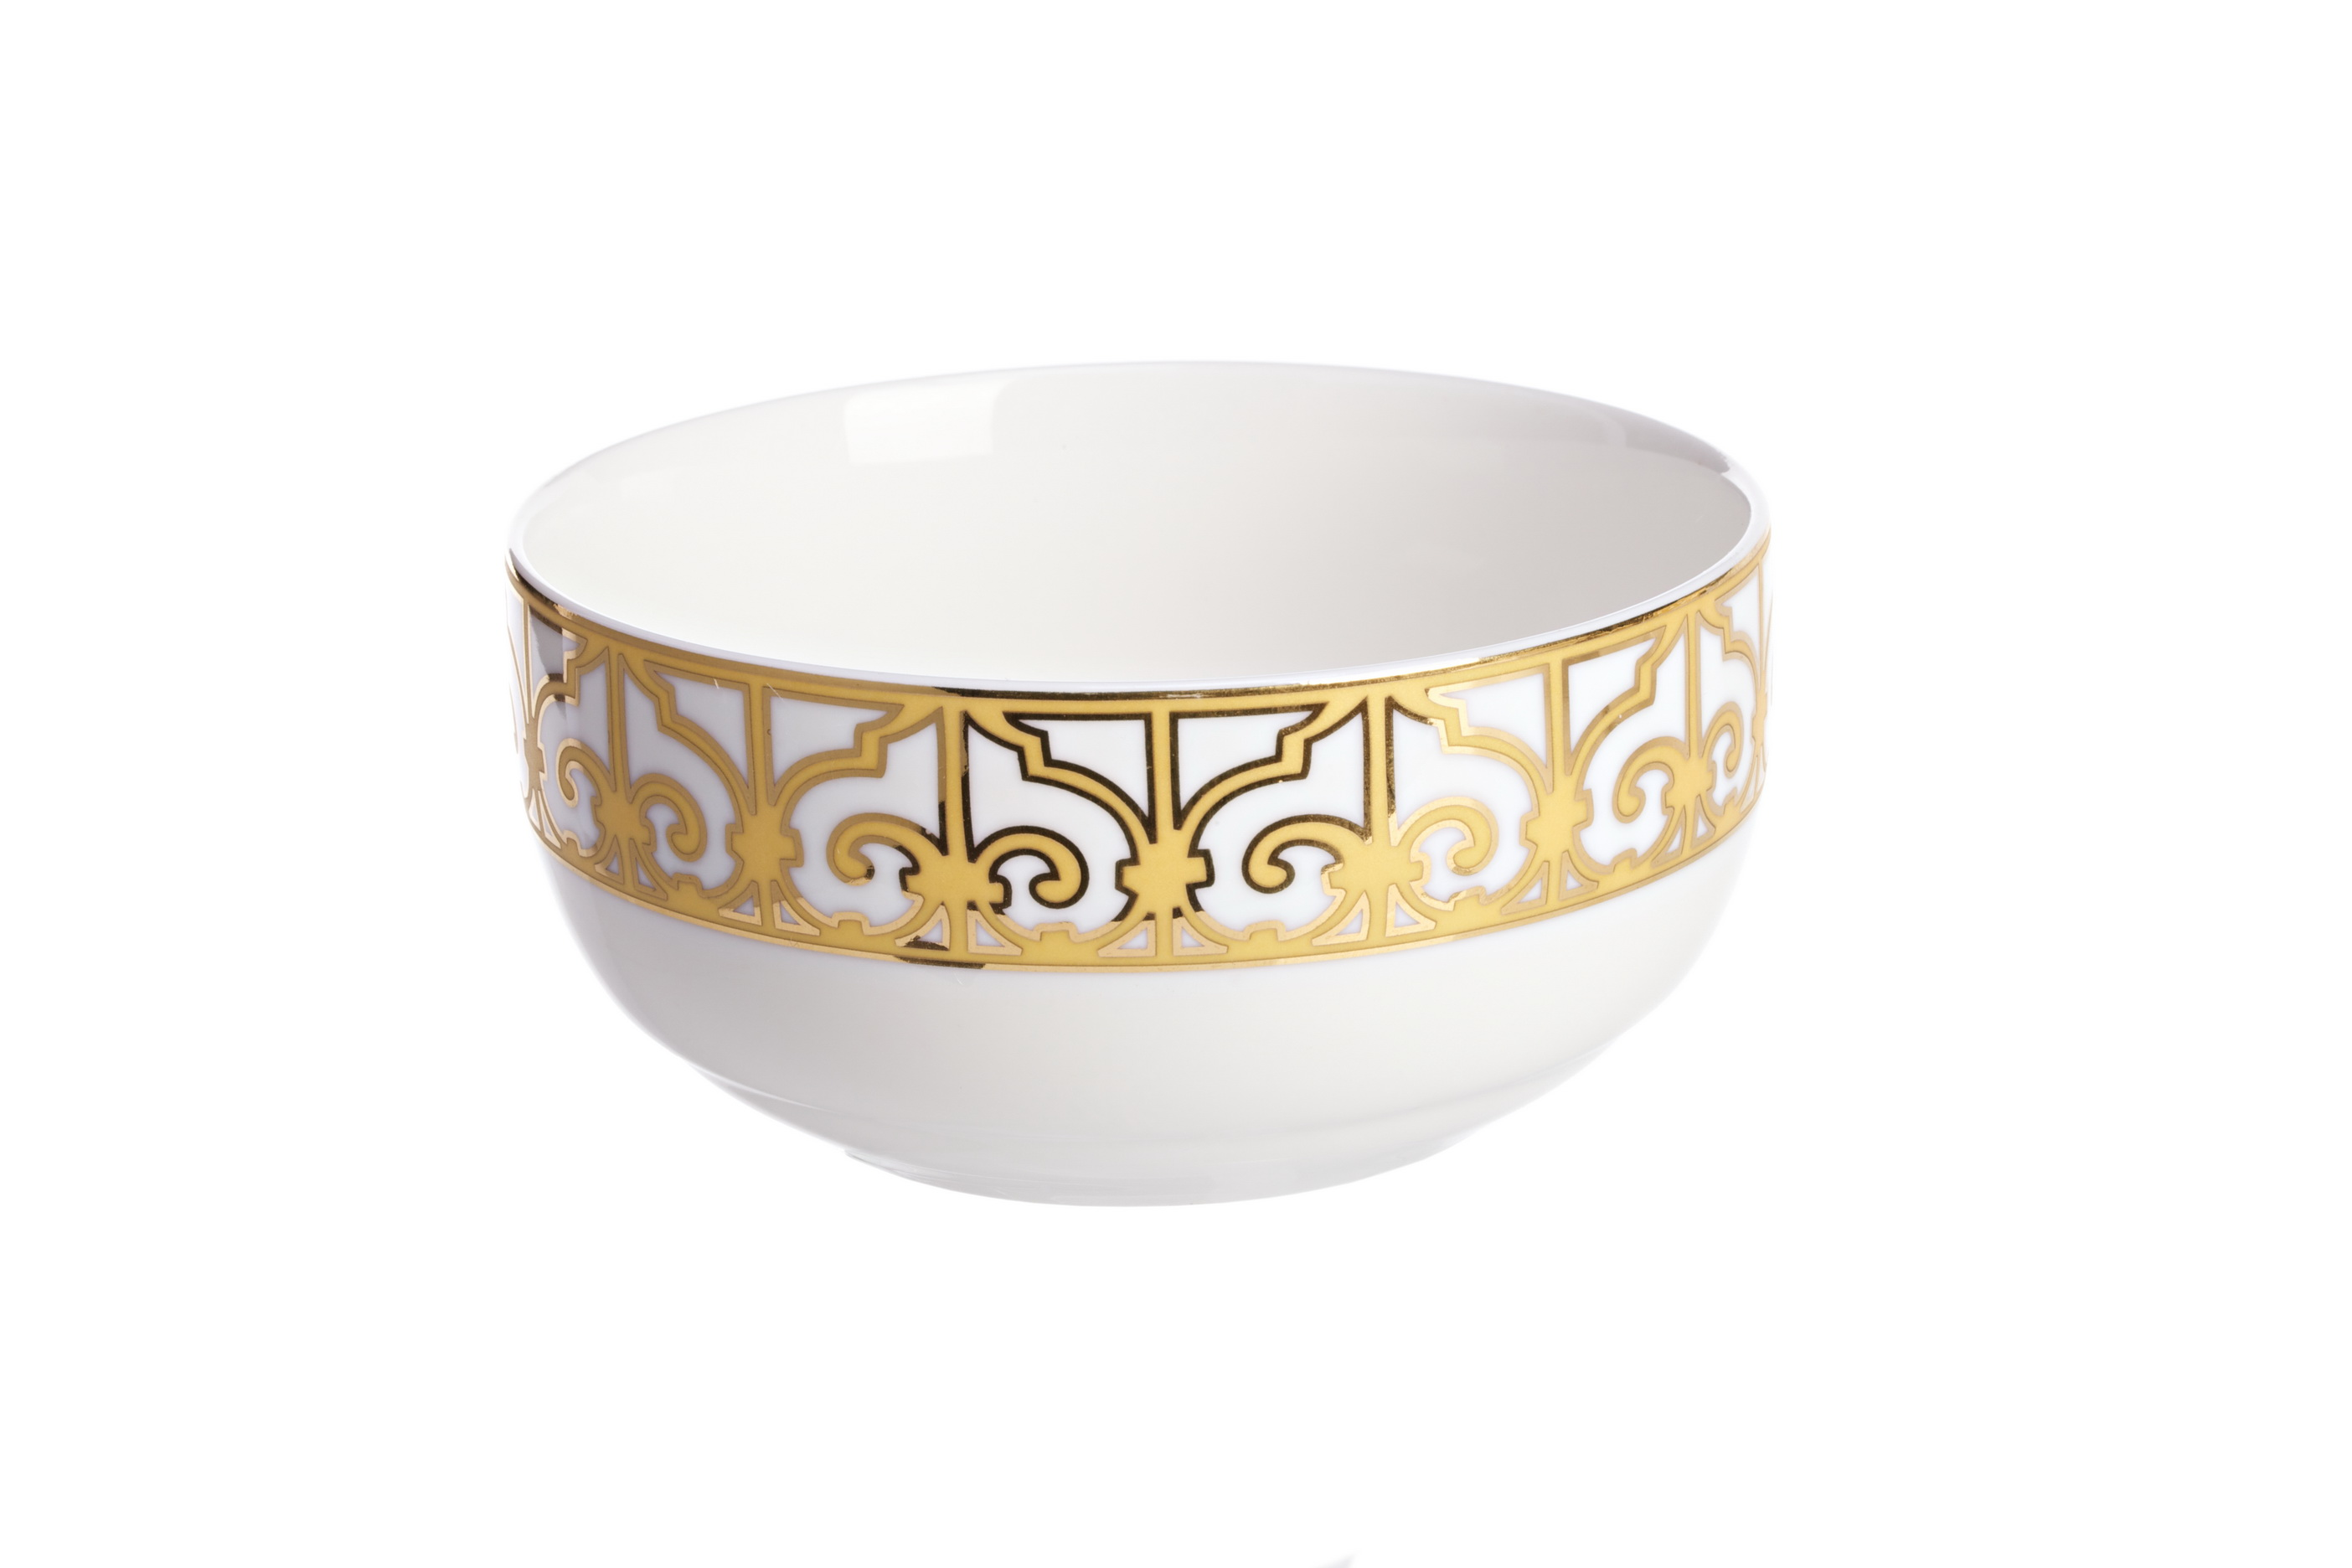 Салатник порционный MarbellaМиски и чаши<br>Небольшой порционный салатник серии «Marbella» предназначен для подачи закусок и салатов. Как и другие предметы коллекции, он выполнен из элитного костяного фарфора и украшен изысканным золотистым орнаментом в стиле модерн (moderne). Вы можете приобрести его отдельно, но гораздо эффектнее он будет смотреться в комплекте с другими предметами праздничной сервировки коллекции «Marbella».<br><br>Material: Фарфор<br>Высота см: 11